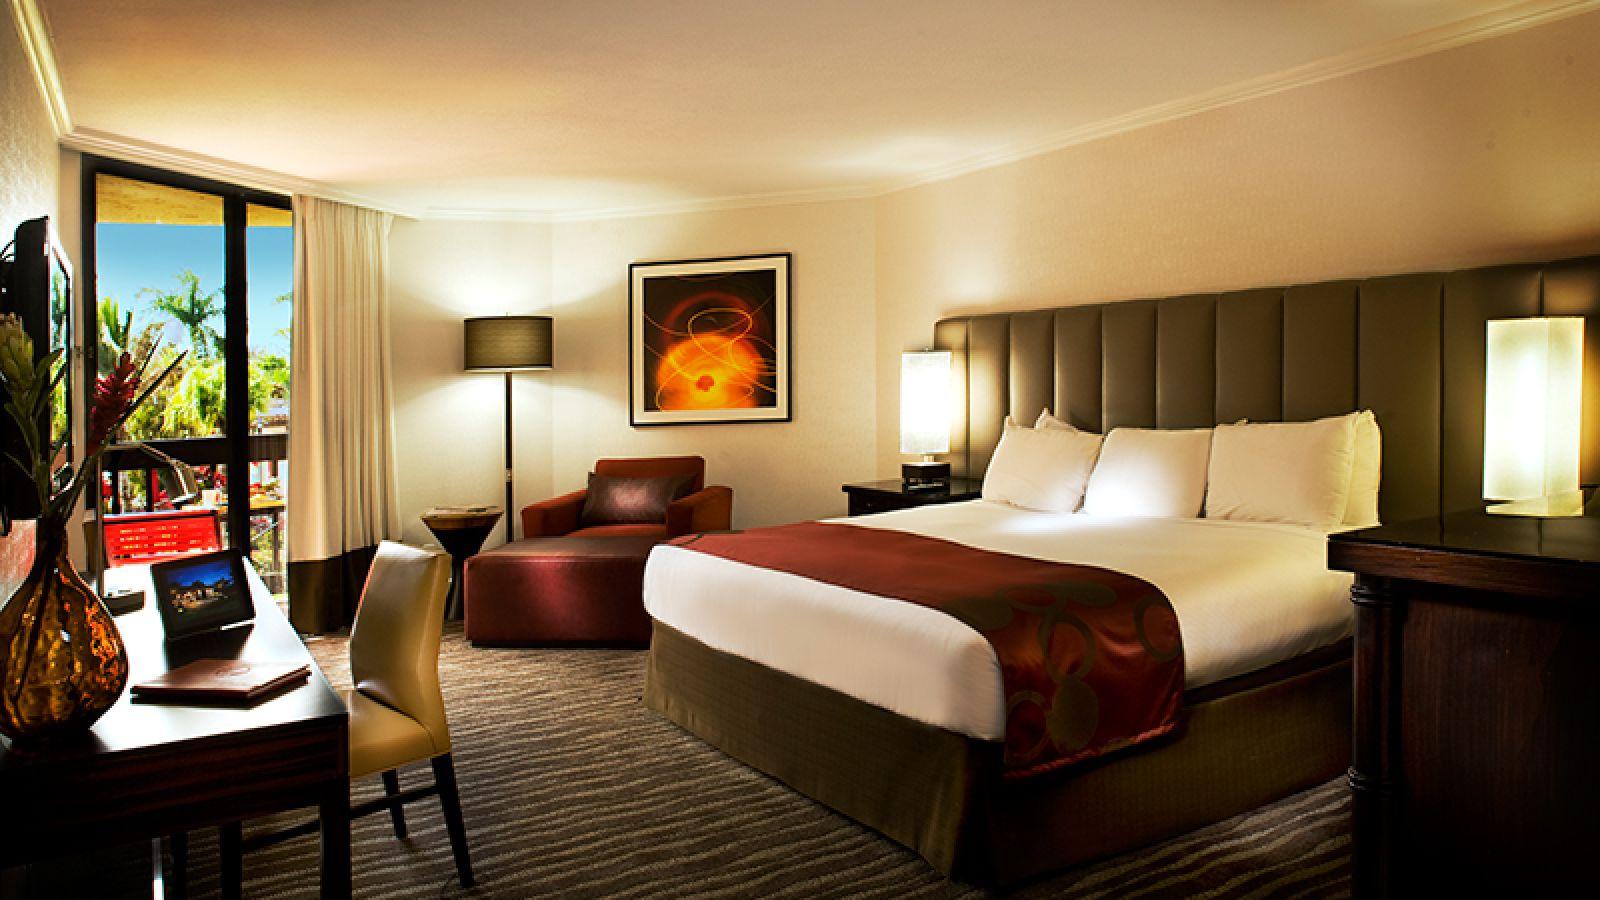 PGA National Resort & Spa:  image courtesy of PGA National Resort & Spa